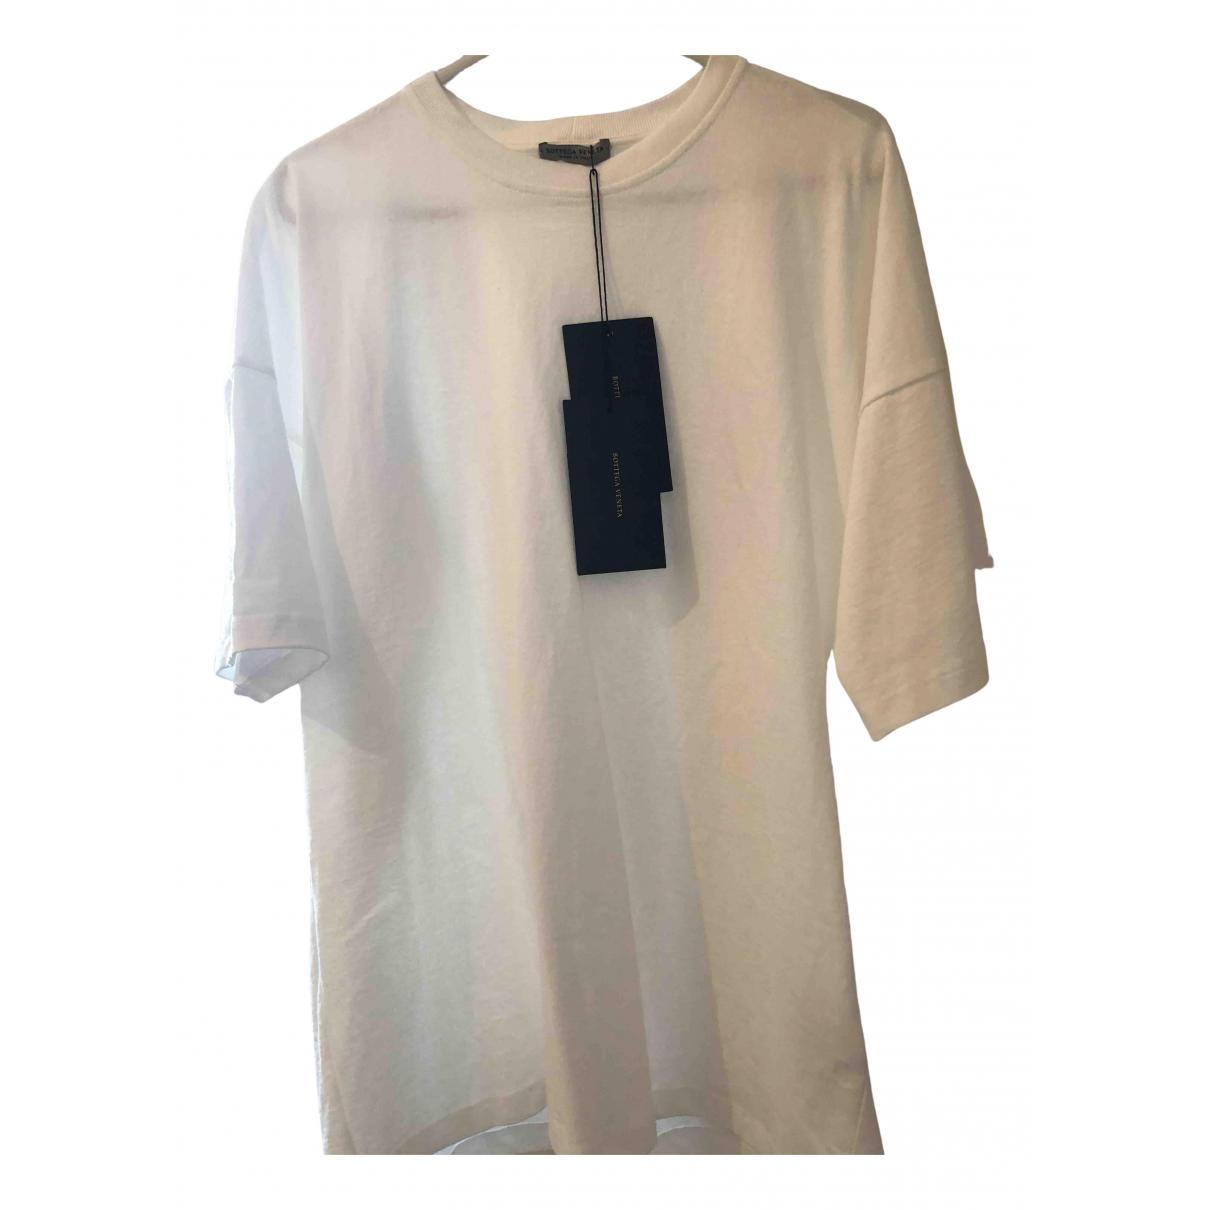 Bottega Veneta - Tee shirts   pour homme en coton - blanc